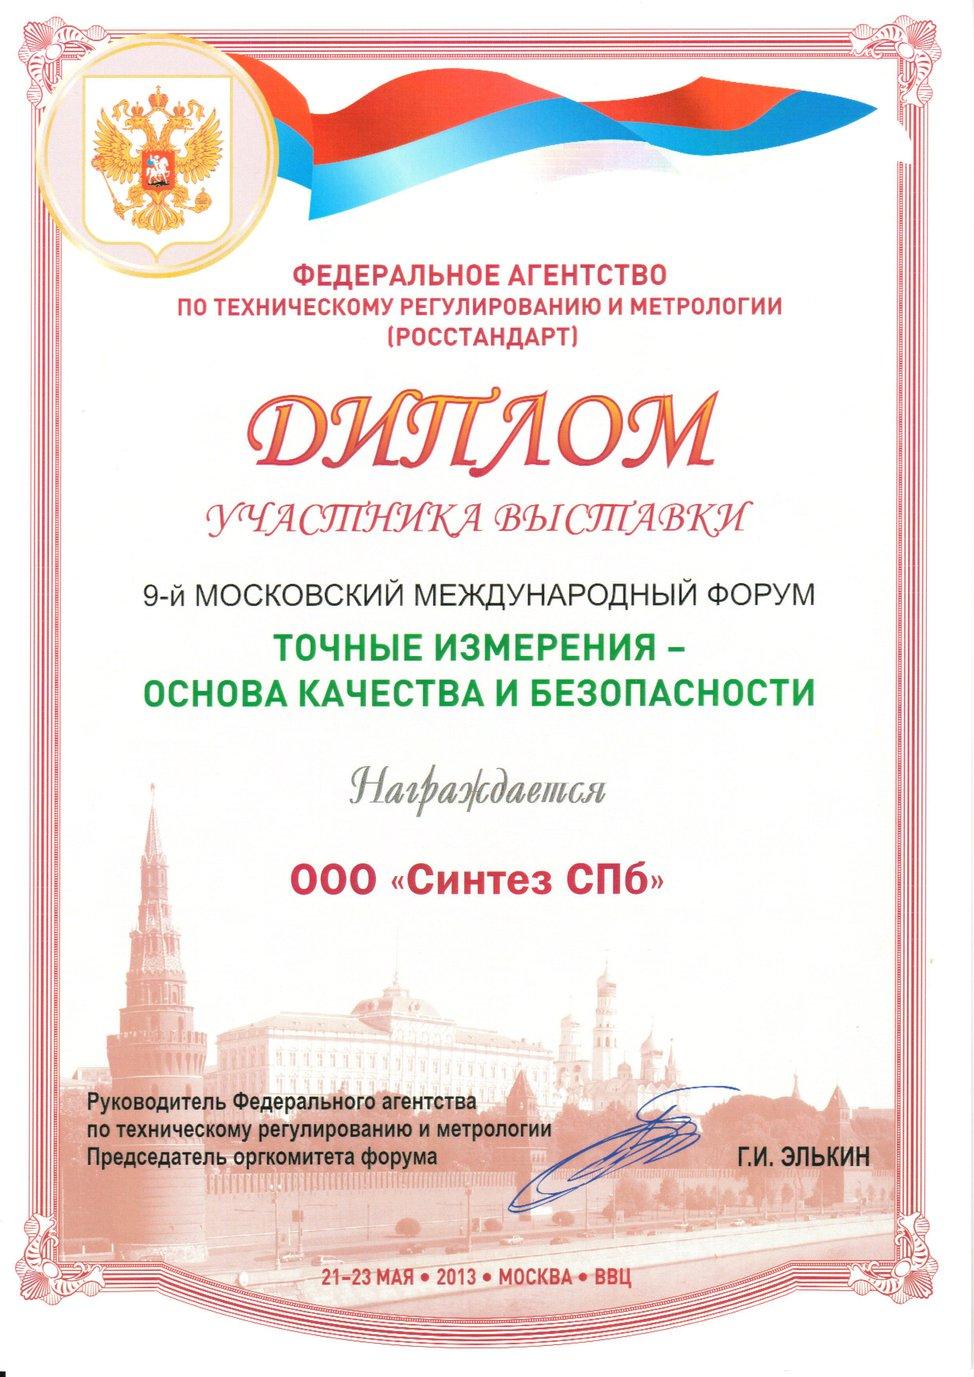 Дипломы и награды Дипломы и награды 9 й Московский международный форум Точные измерения основа качества и